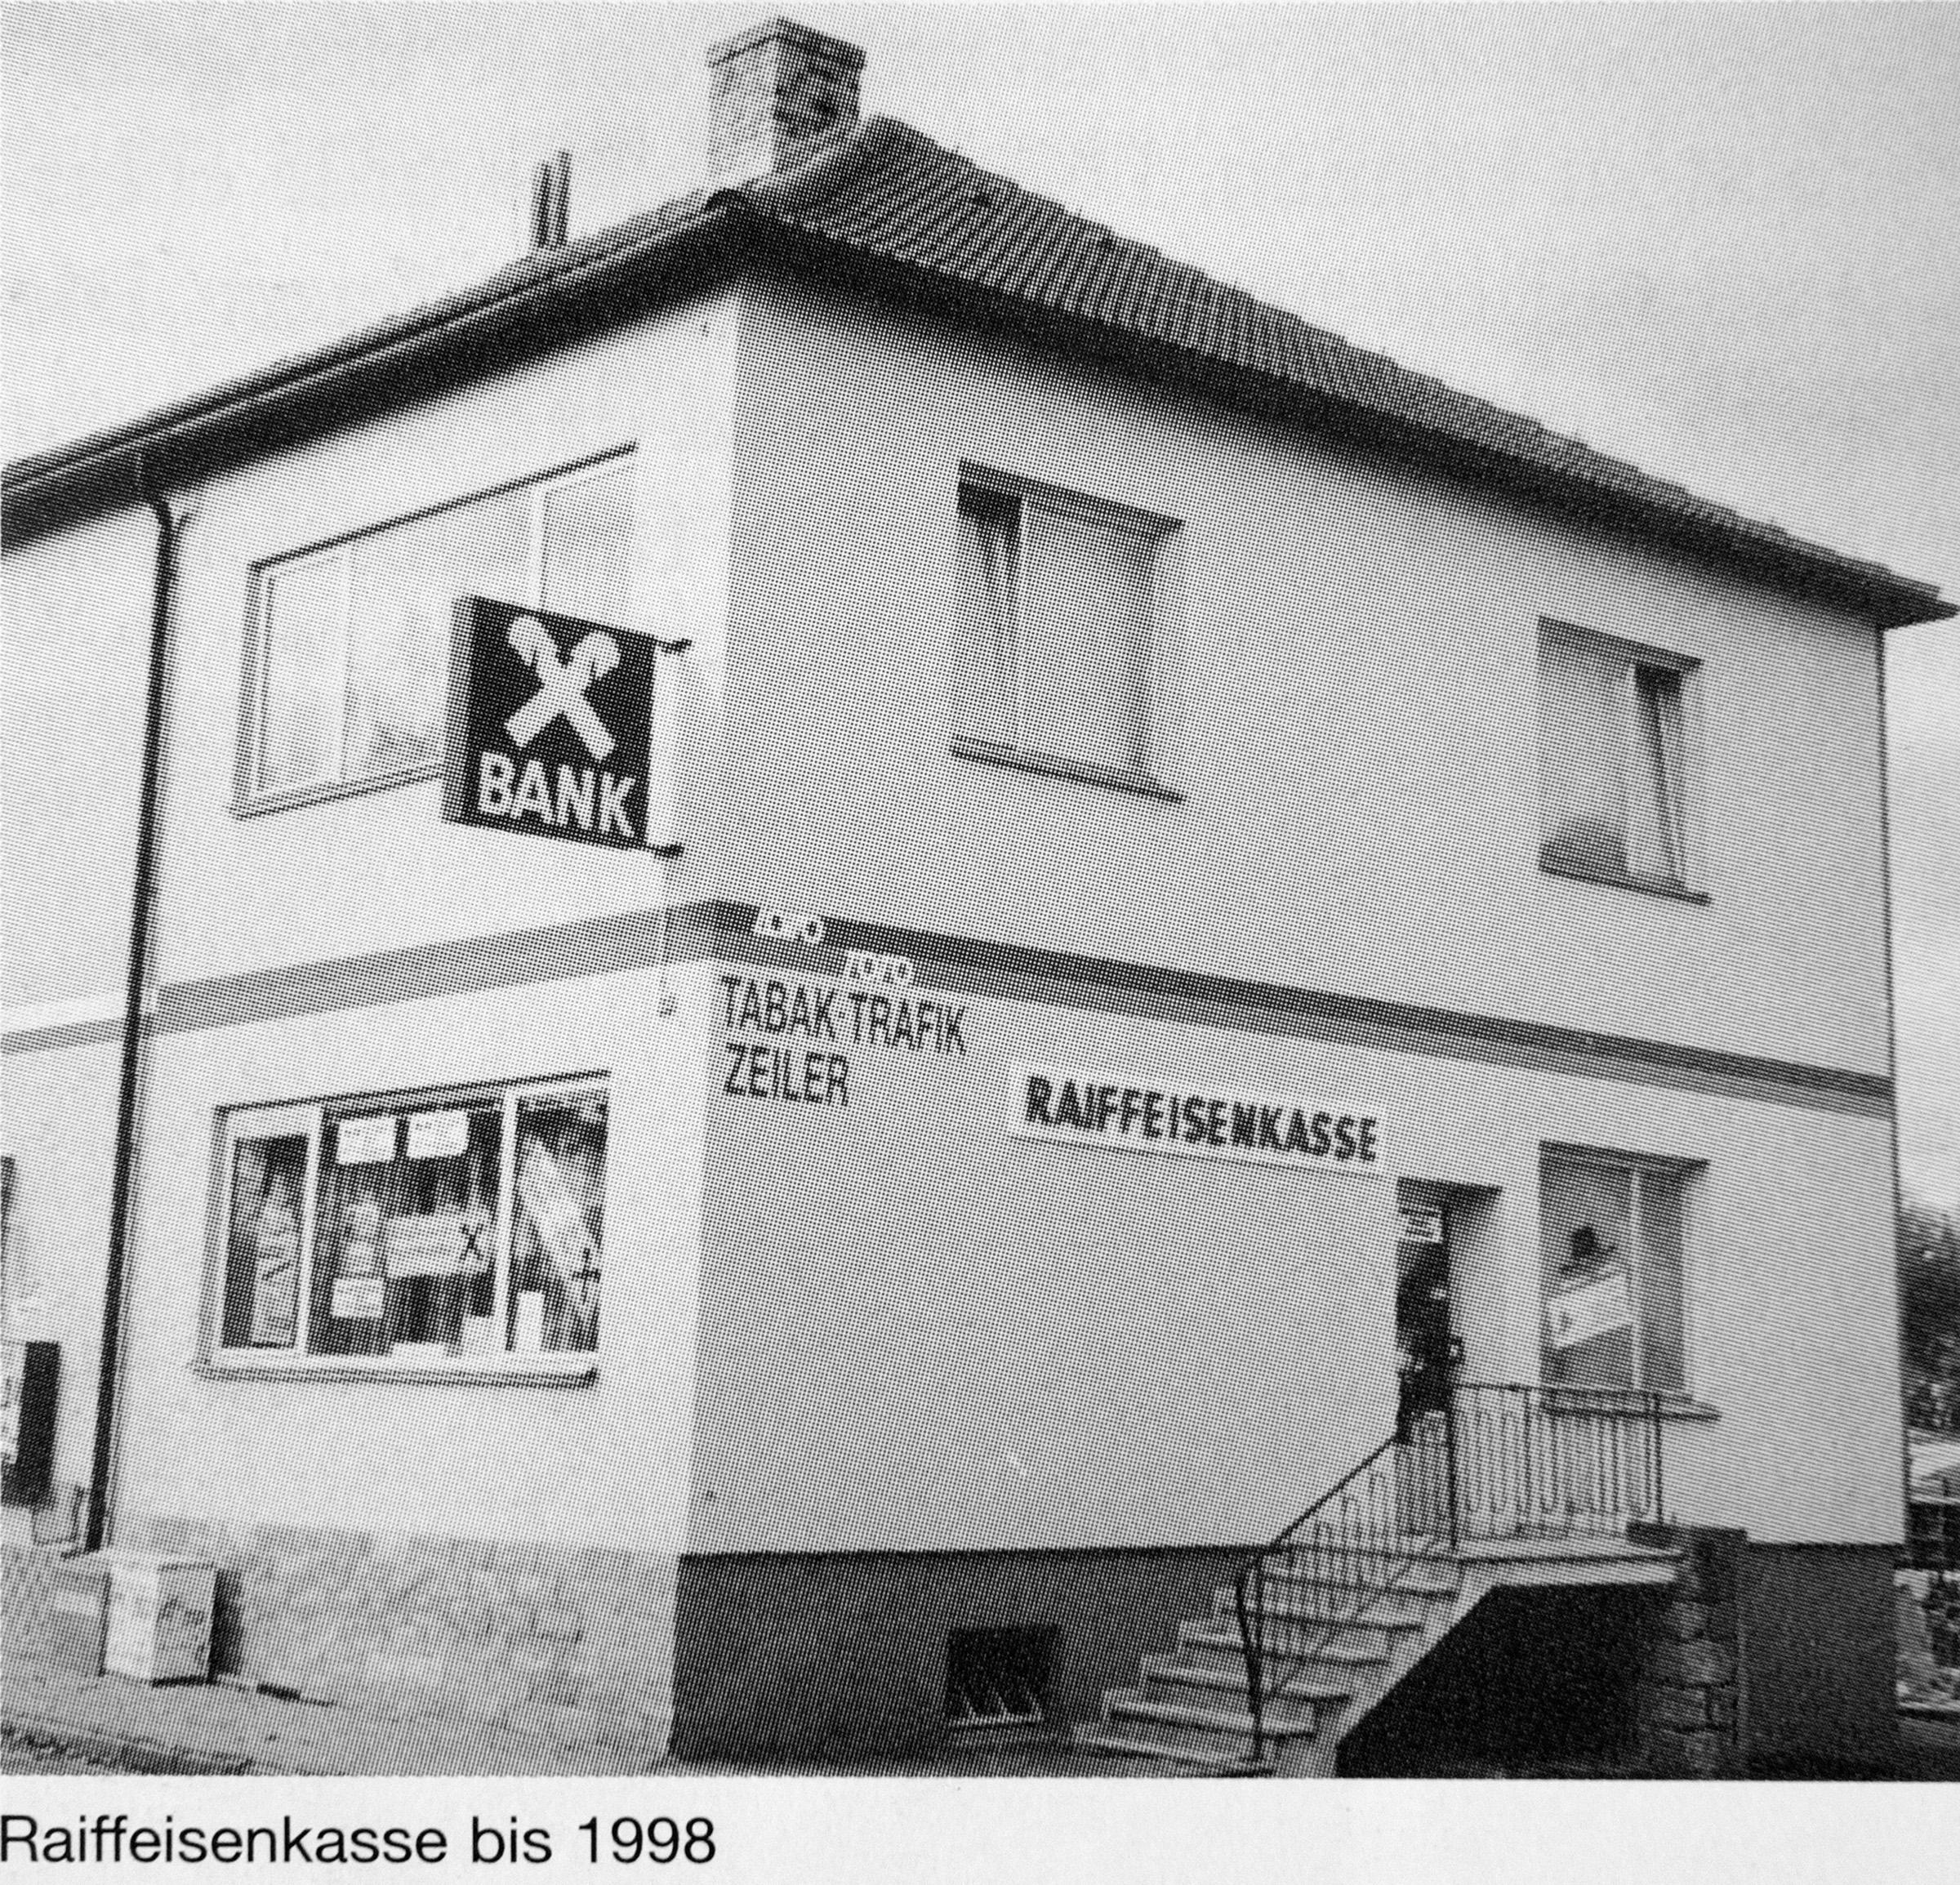 Raiffeisenkasse 1998 Schrems.jpg